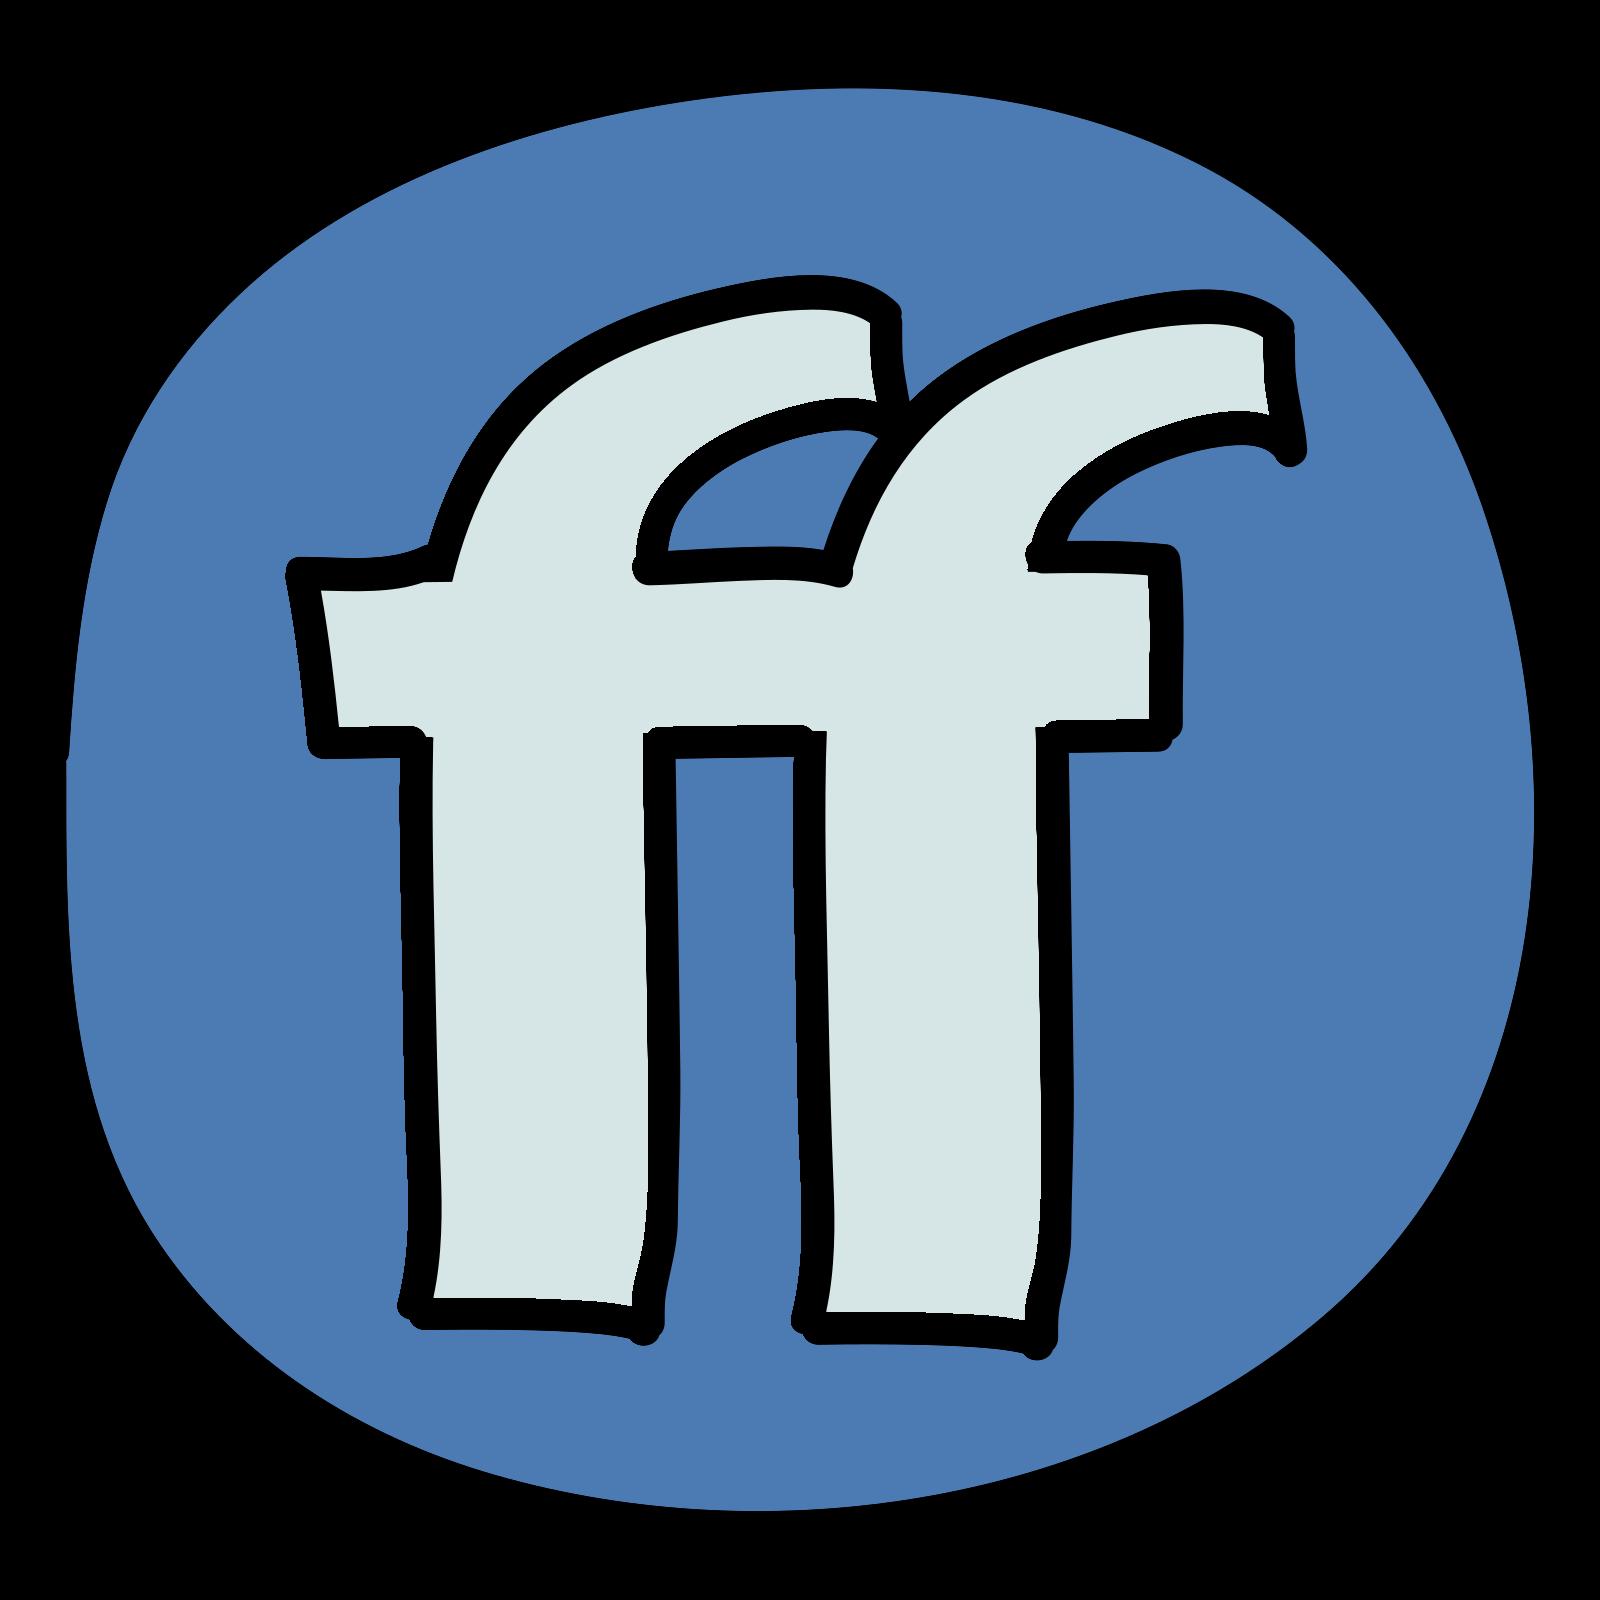 Społeczny FF icon